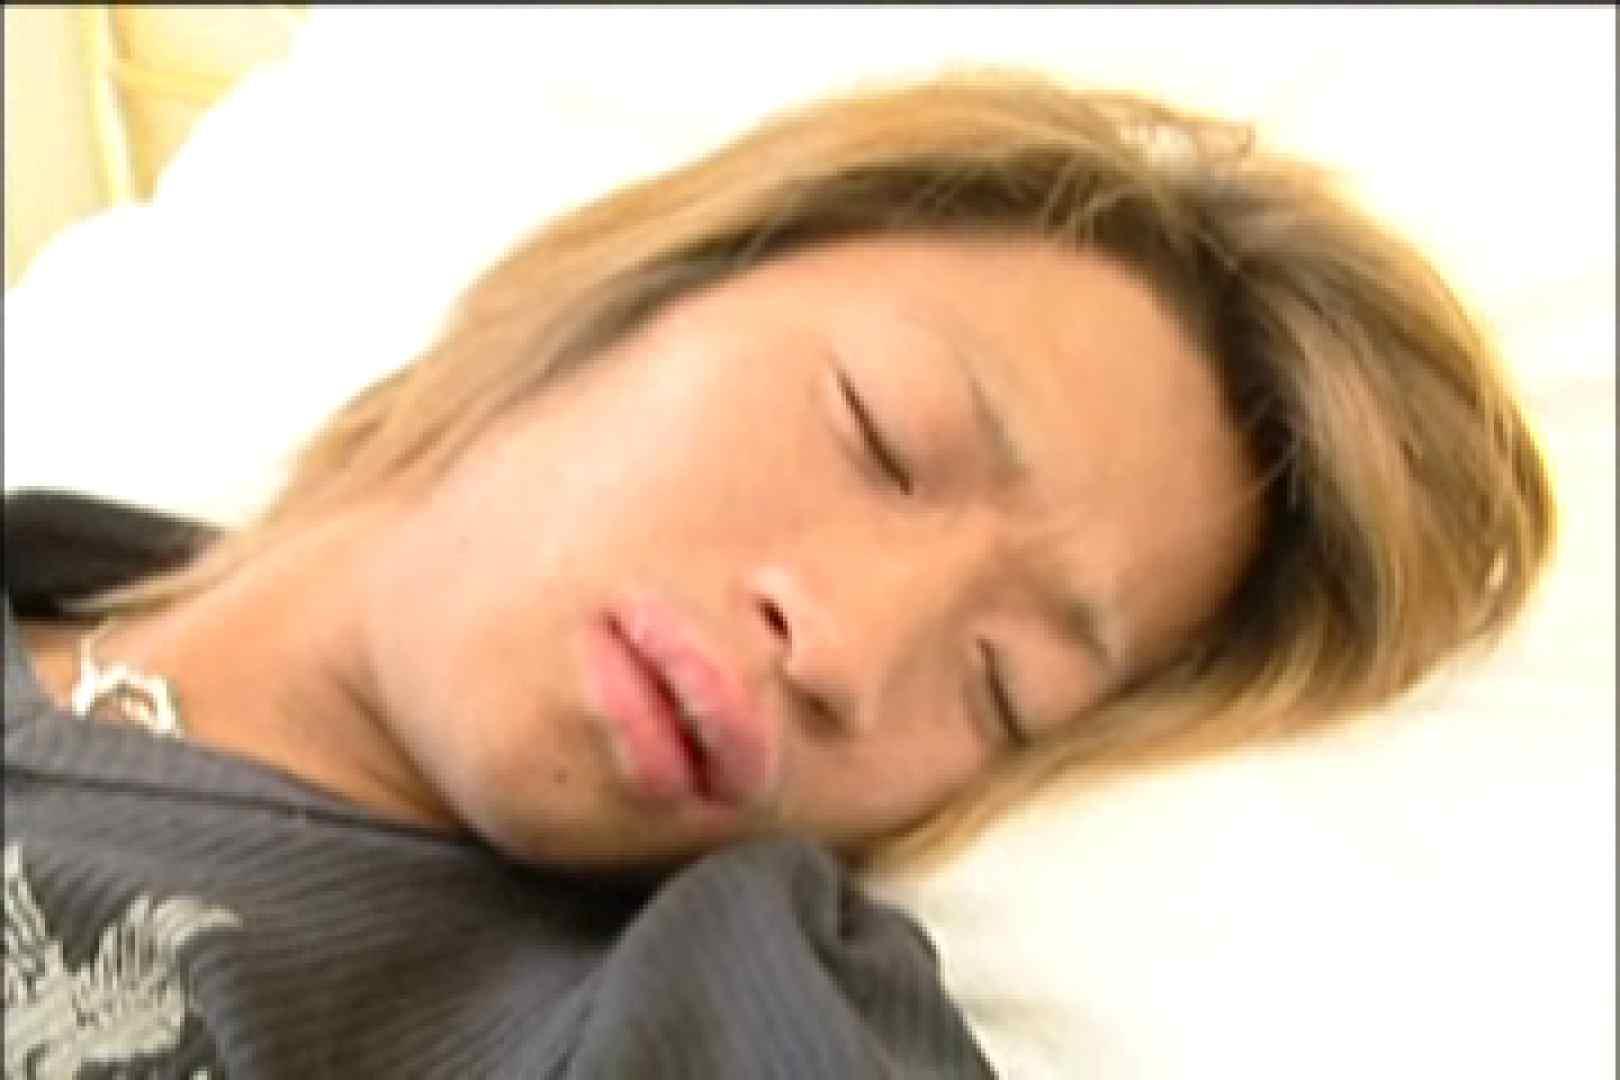 イケメン☆パラダイス〜男ざかりの君たちへ〜vol.12 ゲイ達のフェラ ゲイエロ画像 9枚 4